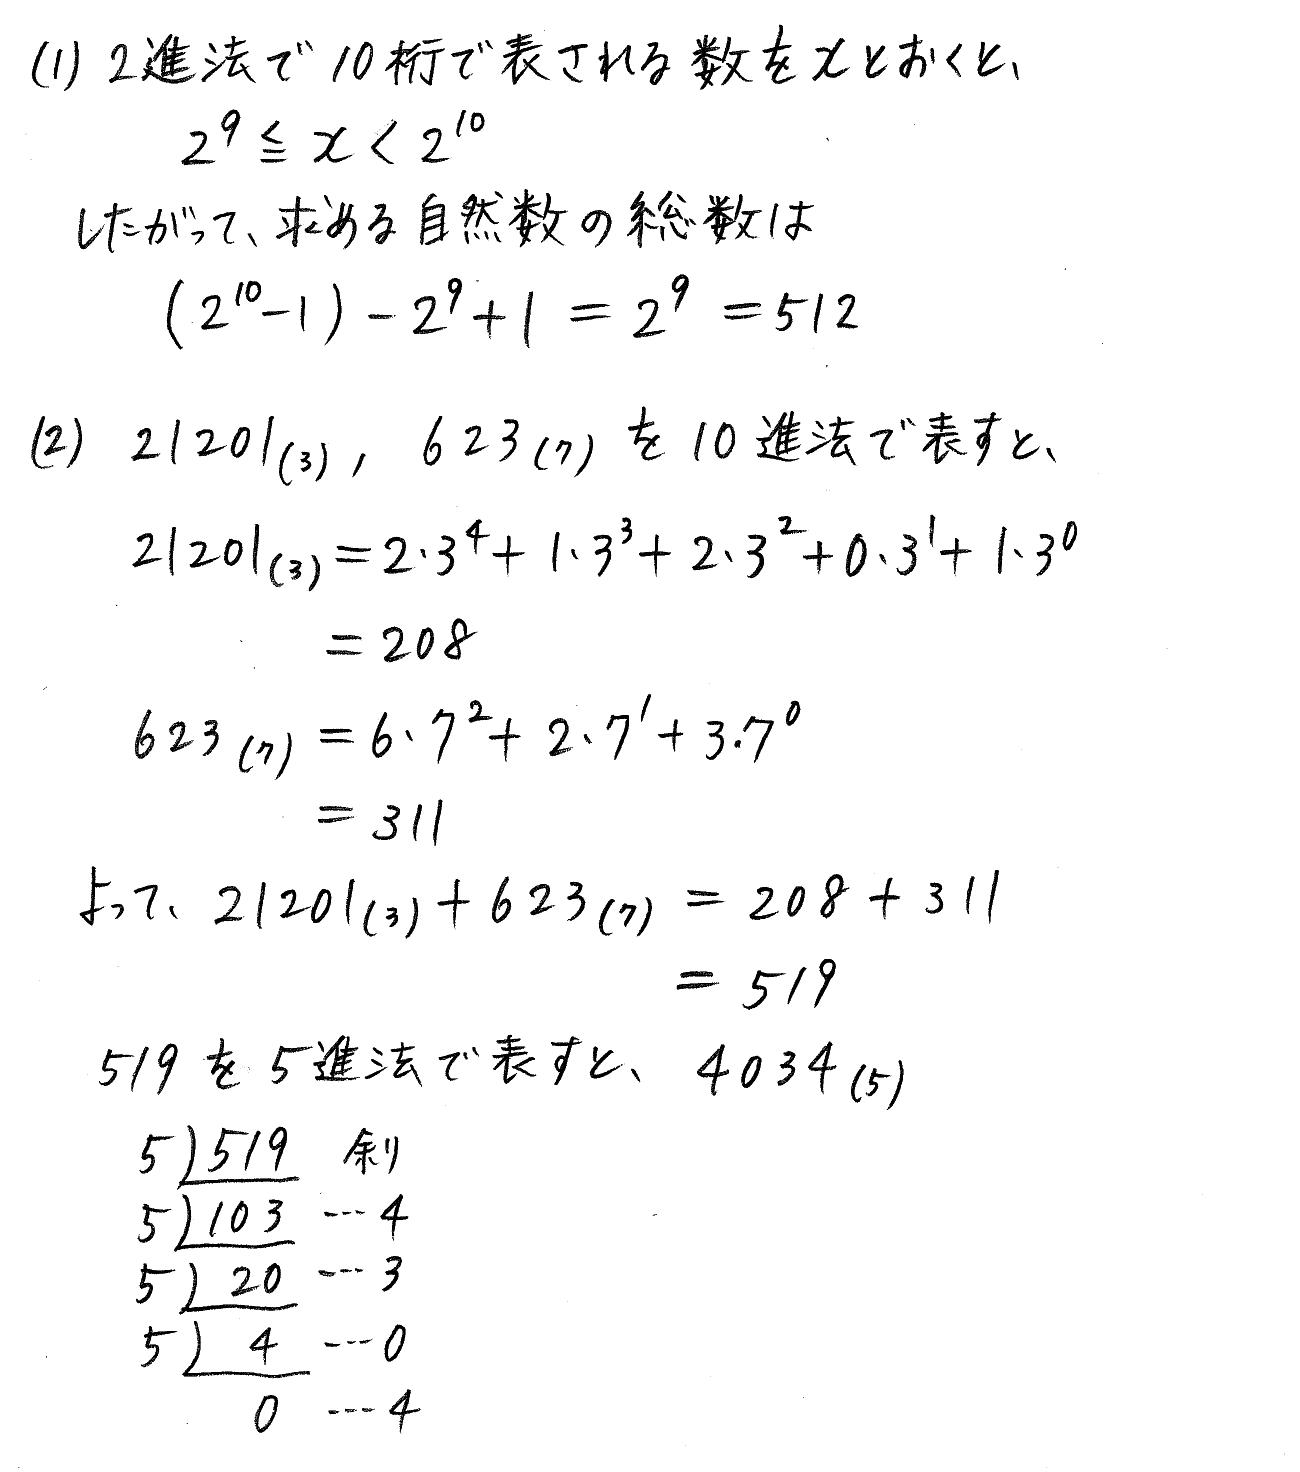 クリアー数学演習12AB受験編-80解答